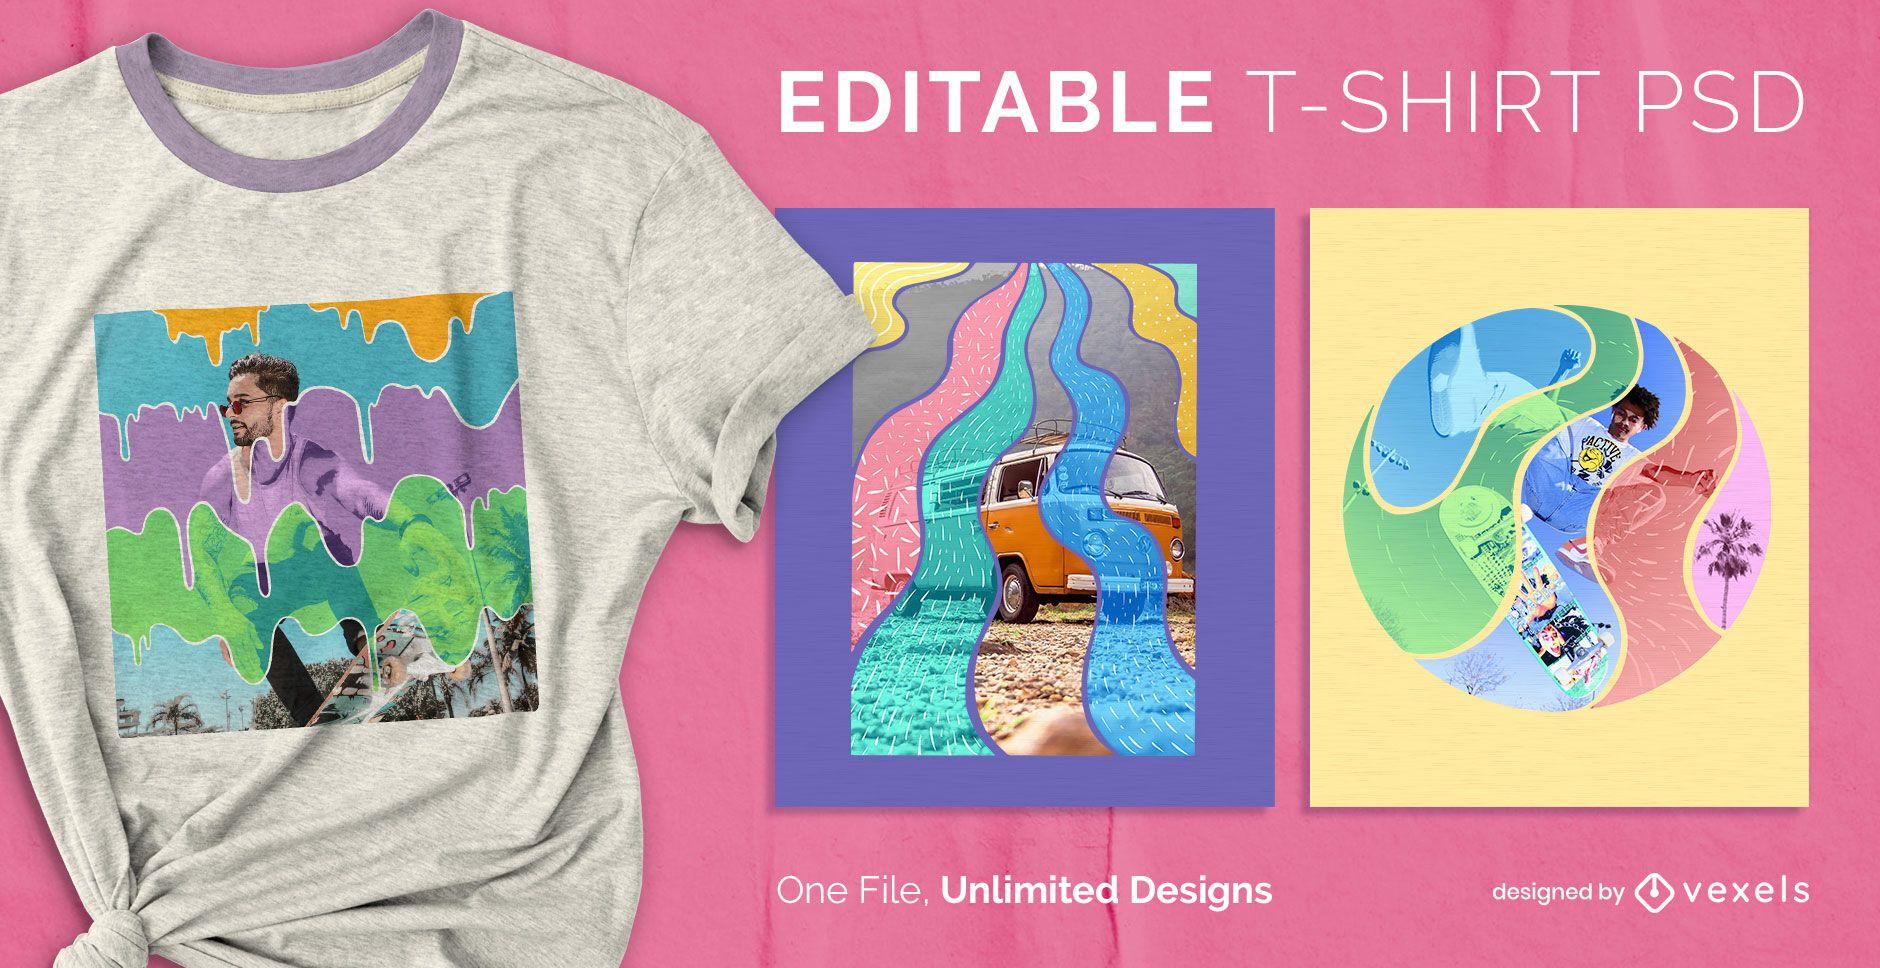 Trippy t-shirt design psd